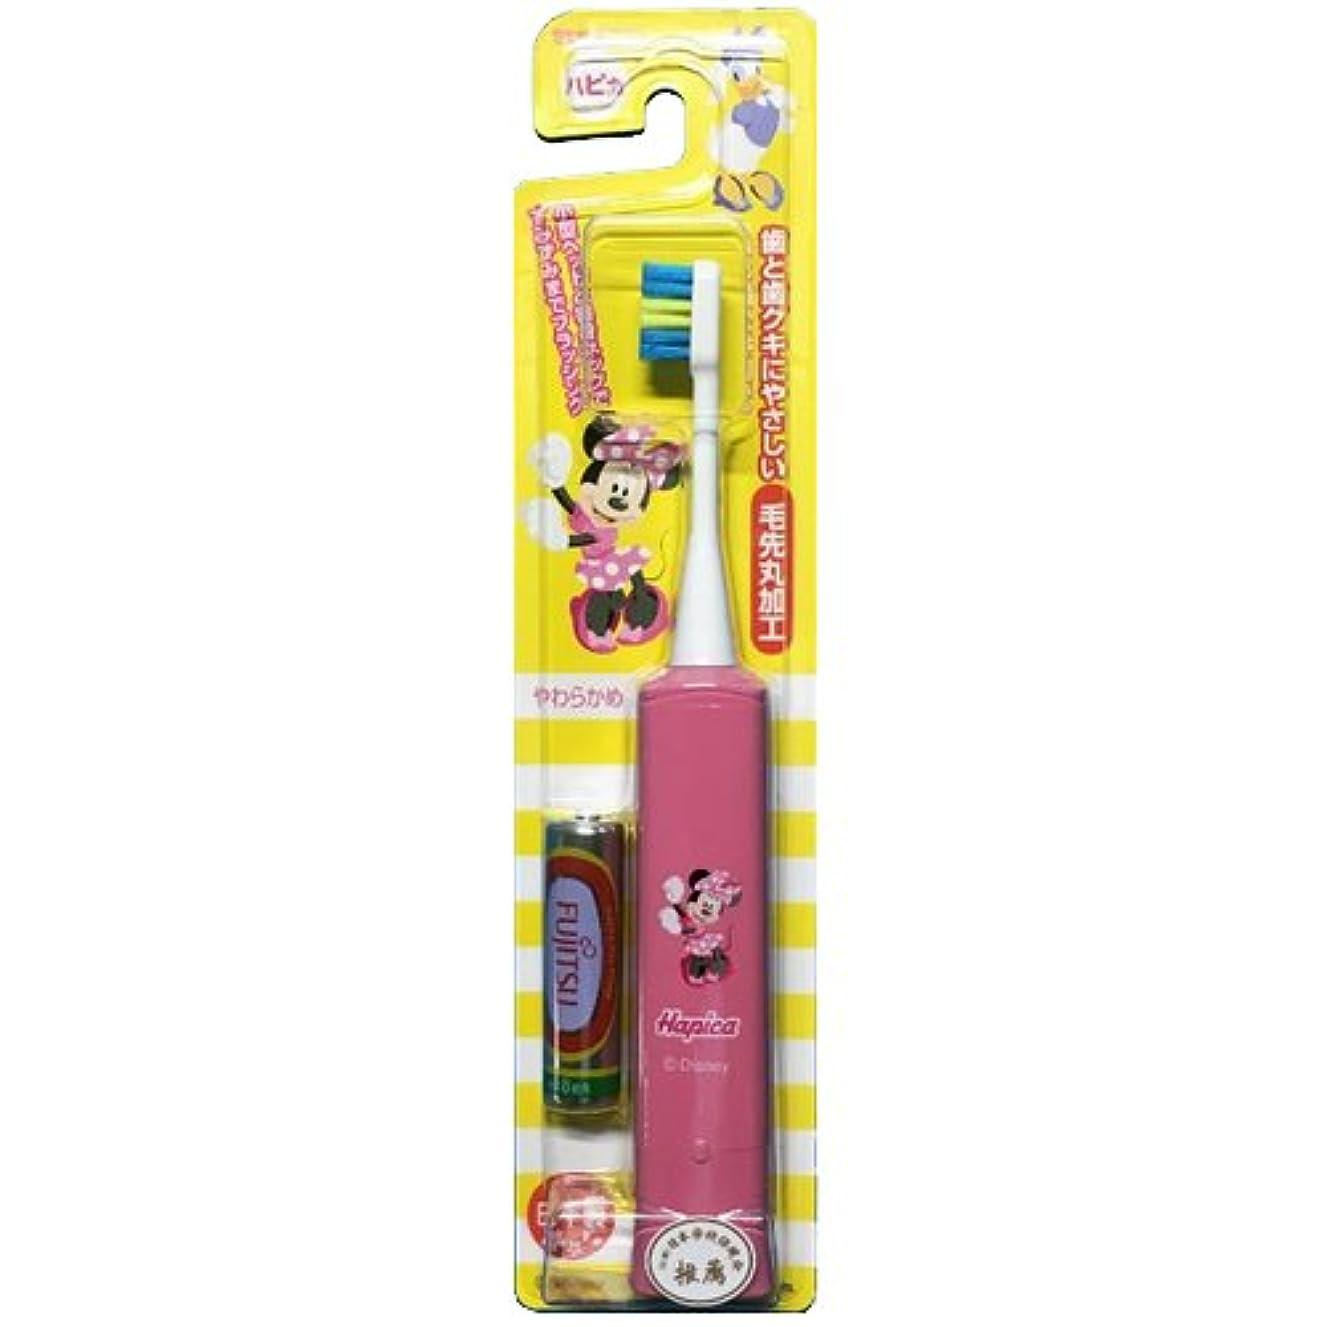 デコードする水っぽい担当者ミニマム 電動付歯ブラシ こどもハピカ ミニー(ピンク) 毛の硬さ:やわらかめ DBK-5P(MK)